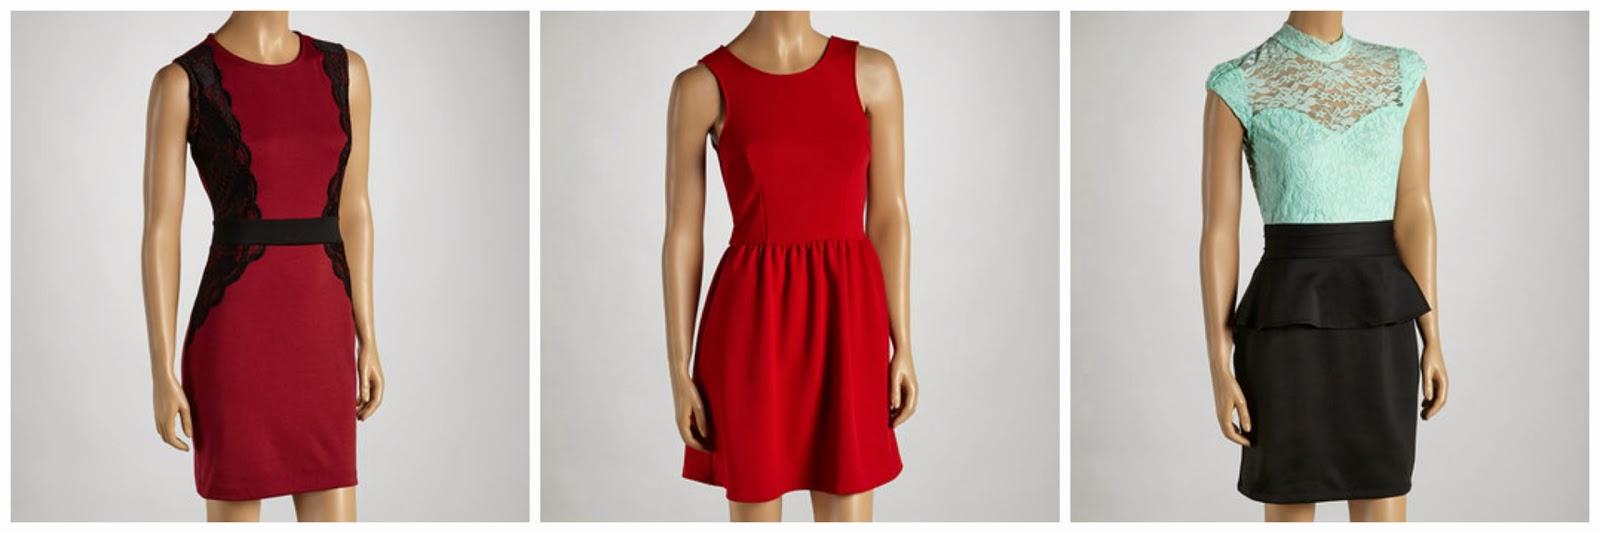 My Kansas City Mommy: Party Dresses $17.99 & $19.99 Zulily